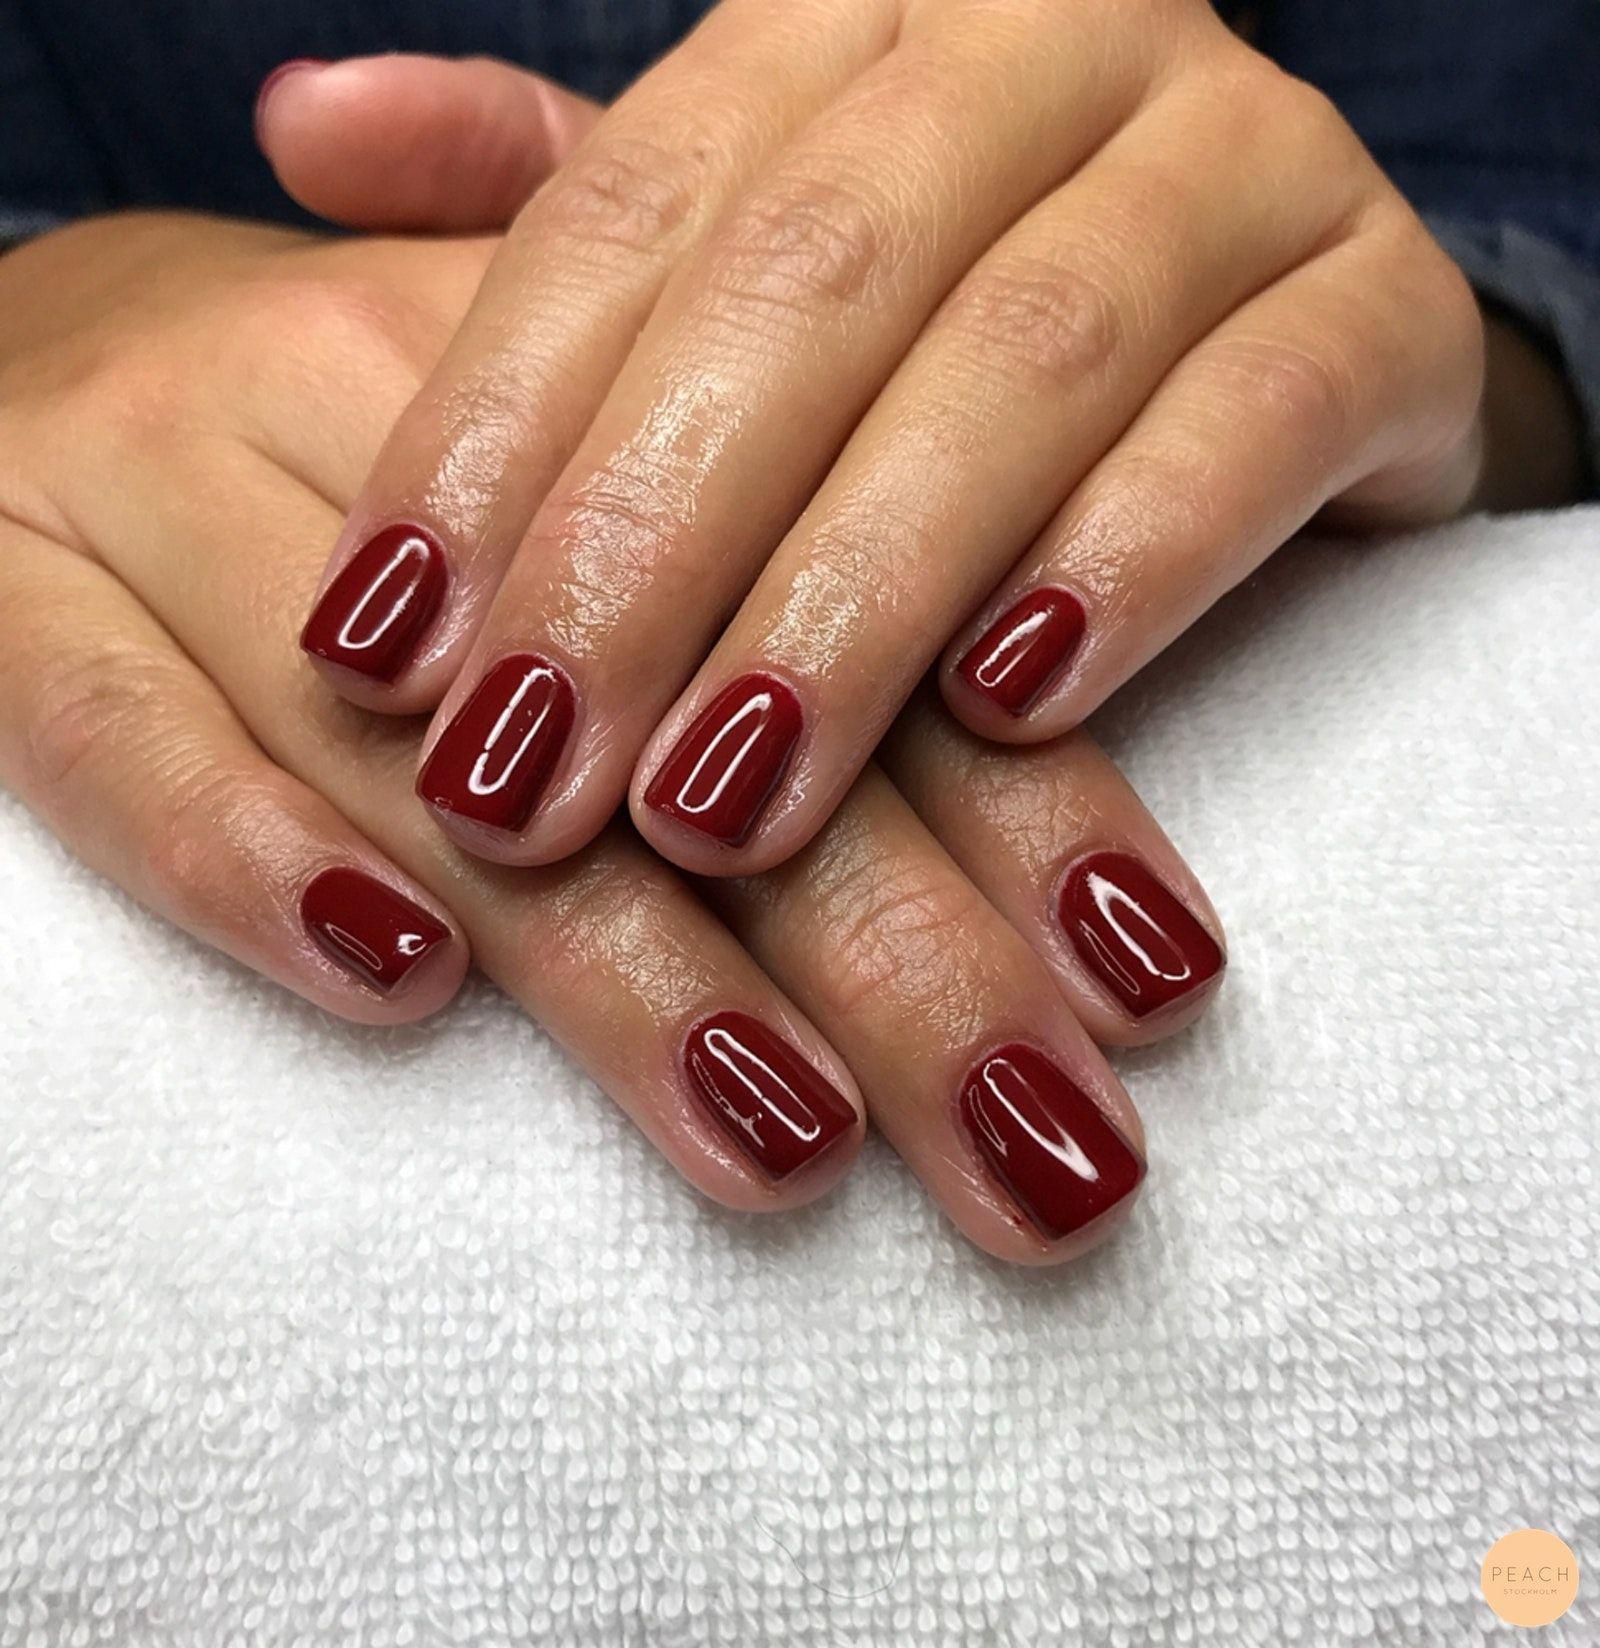 Höstens röda naglar  89266a696bae8